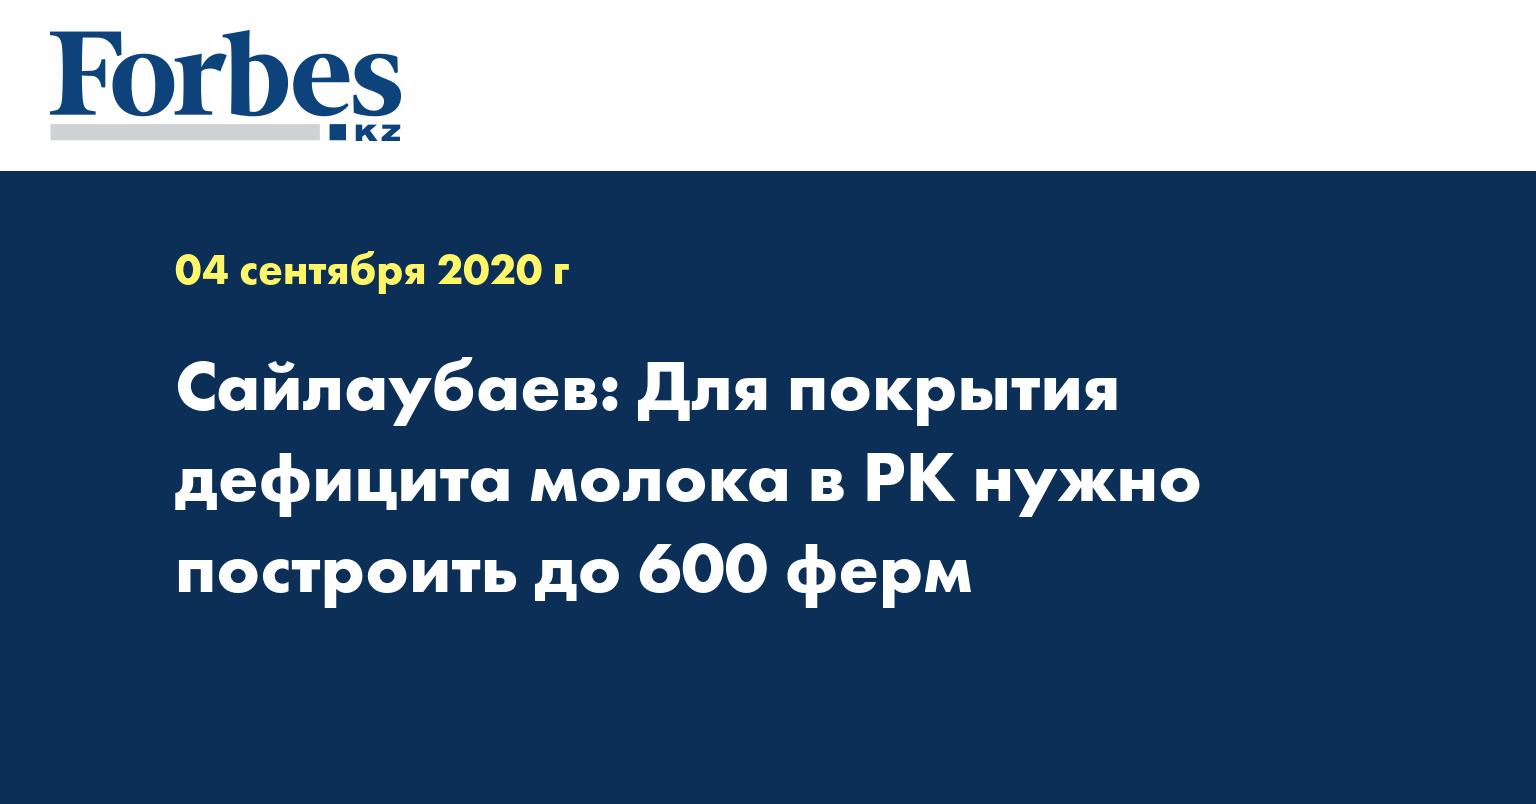 Сайлаубаев: Для покрытия дефицита молока в РК нужно построить до 600 ферм